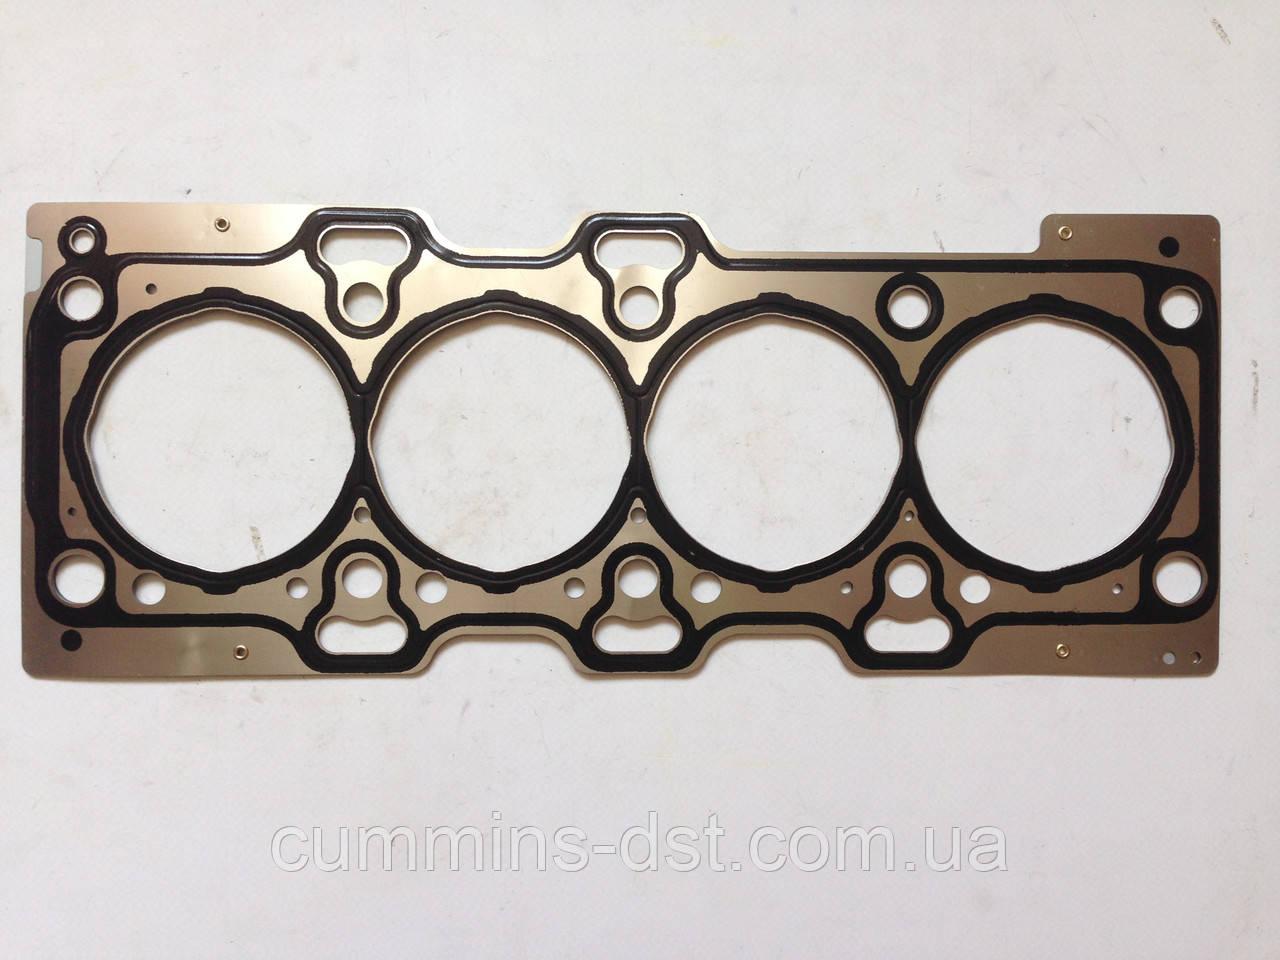 Прокладка ГБЦ для двигателя Cummins ISF 2.8